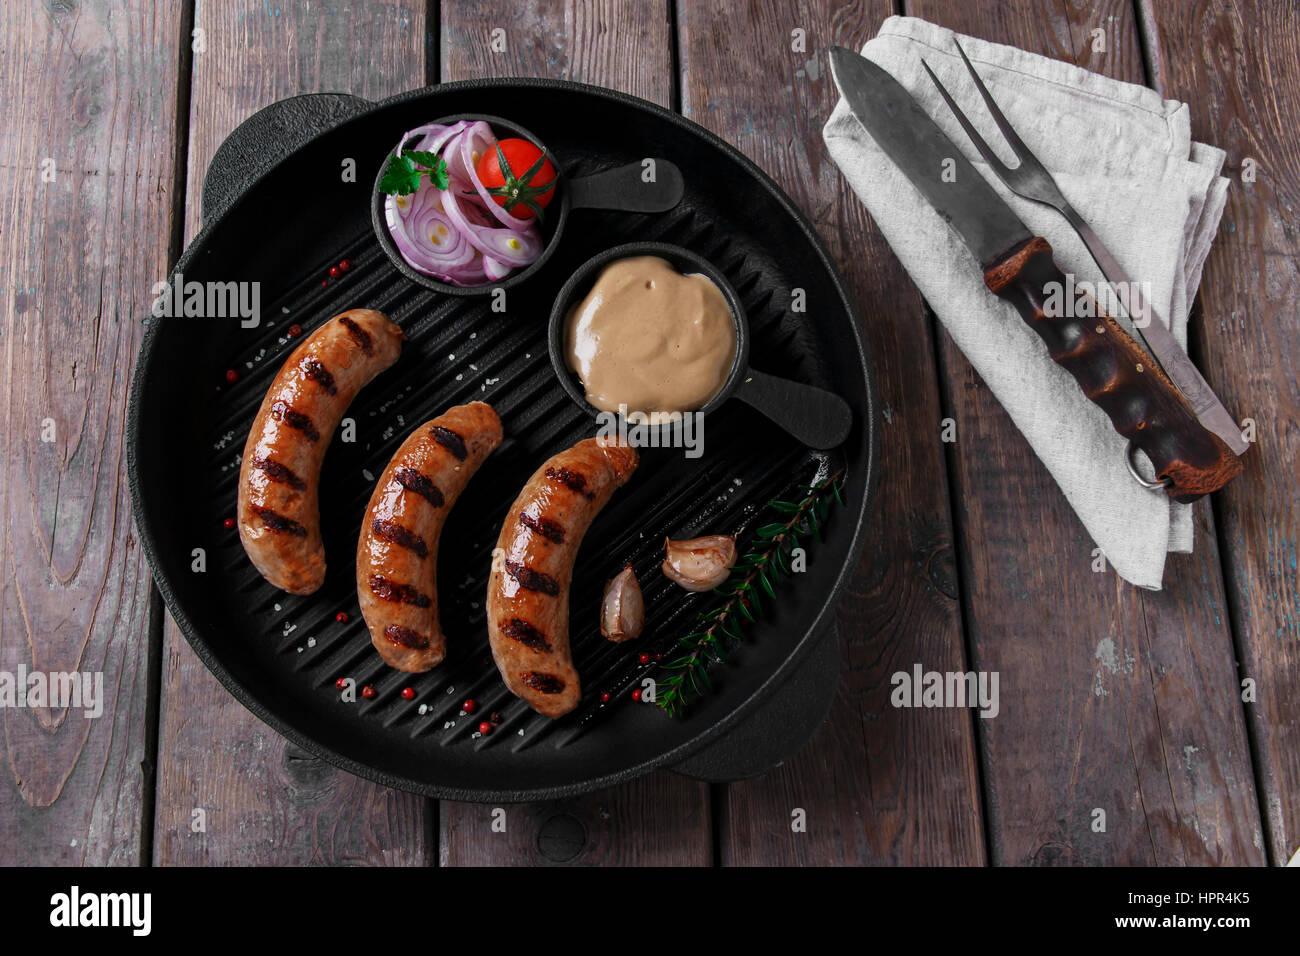 Des saucisses grillées aux épices sur le gril Photo Stock